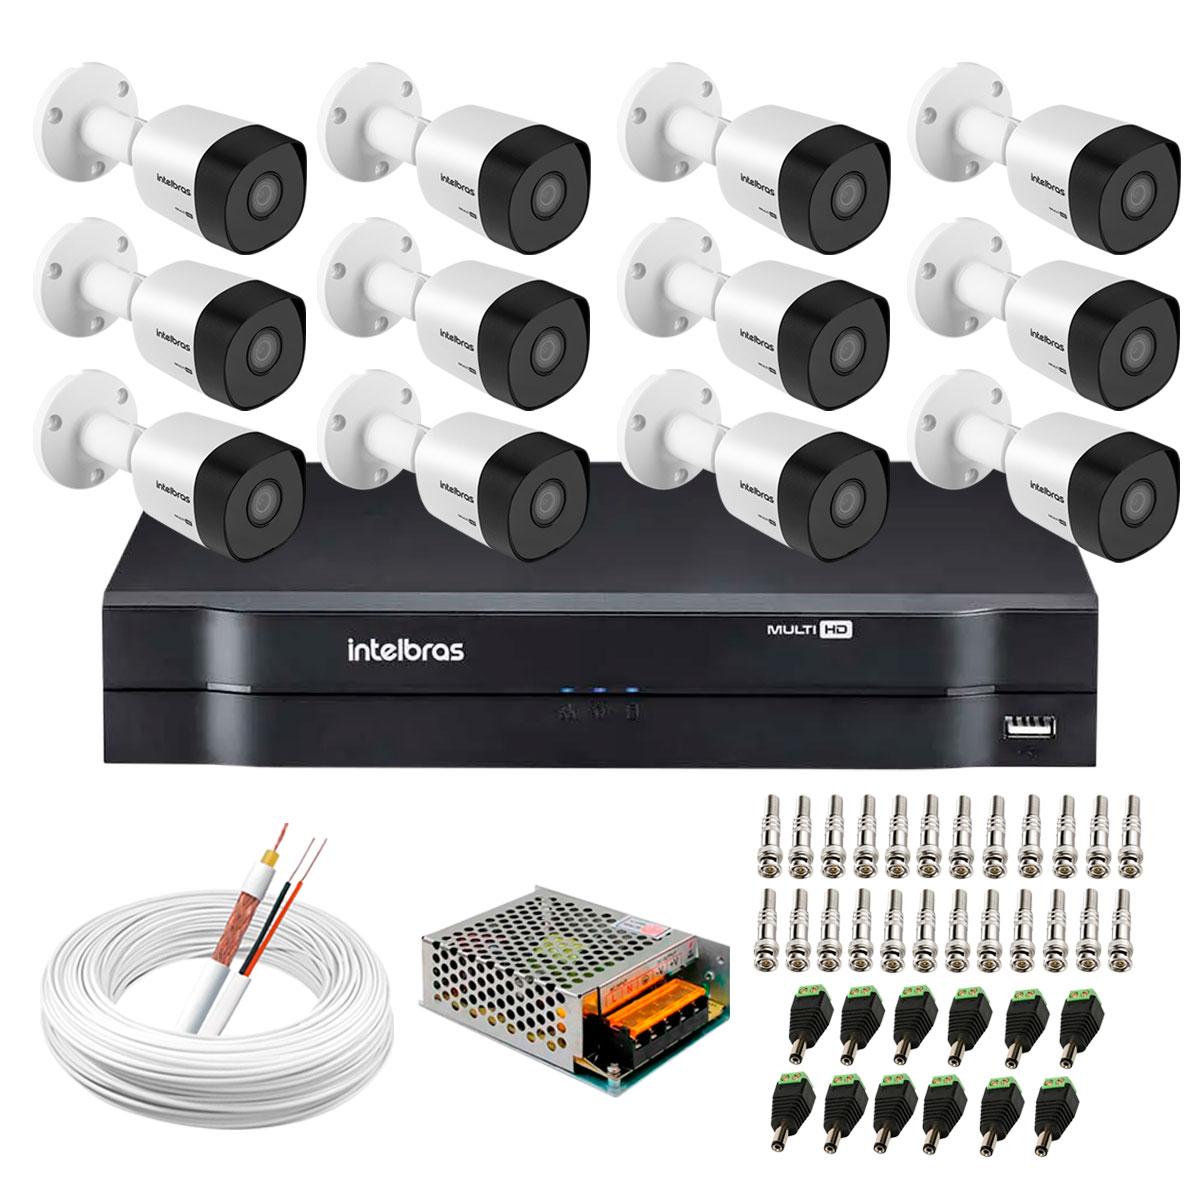 kit-12-cameras-vhd-3130-b-g6-dvr-intelbras-app-gratis-de-monitoramento-cameras-hd-720p-30m-infravermelho-de-visao-noturna-intelbras-fonte-cabos-e-acessorios